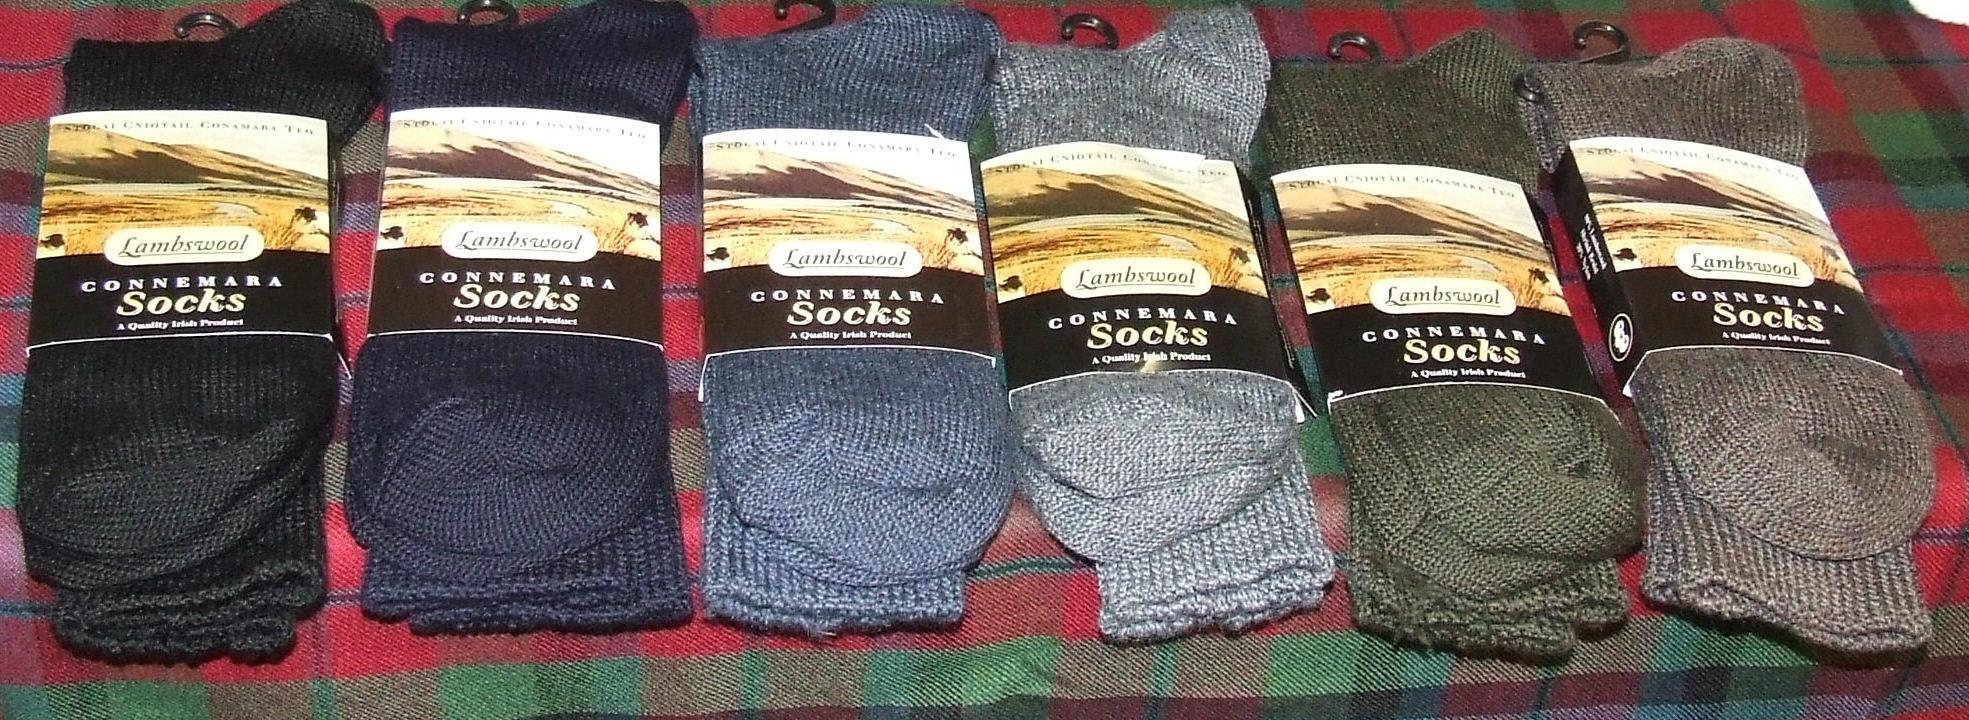 b10d92e2b3f24 The Celtic Shop Woollen Goods